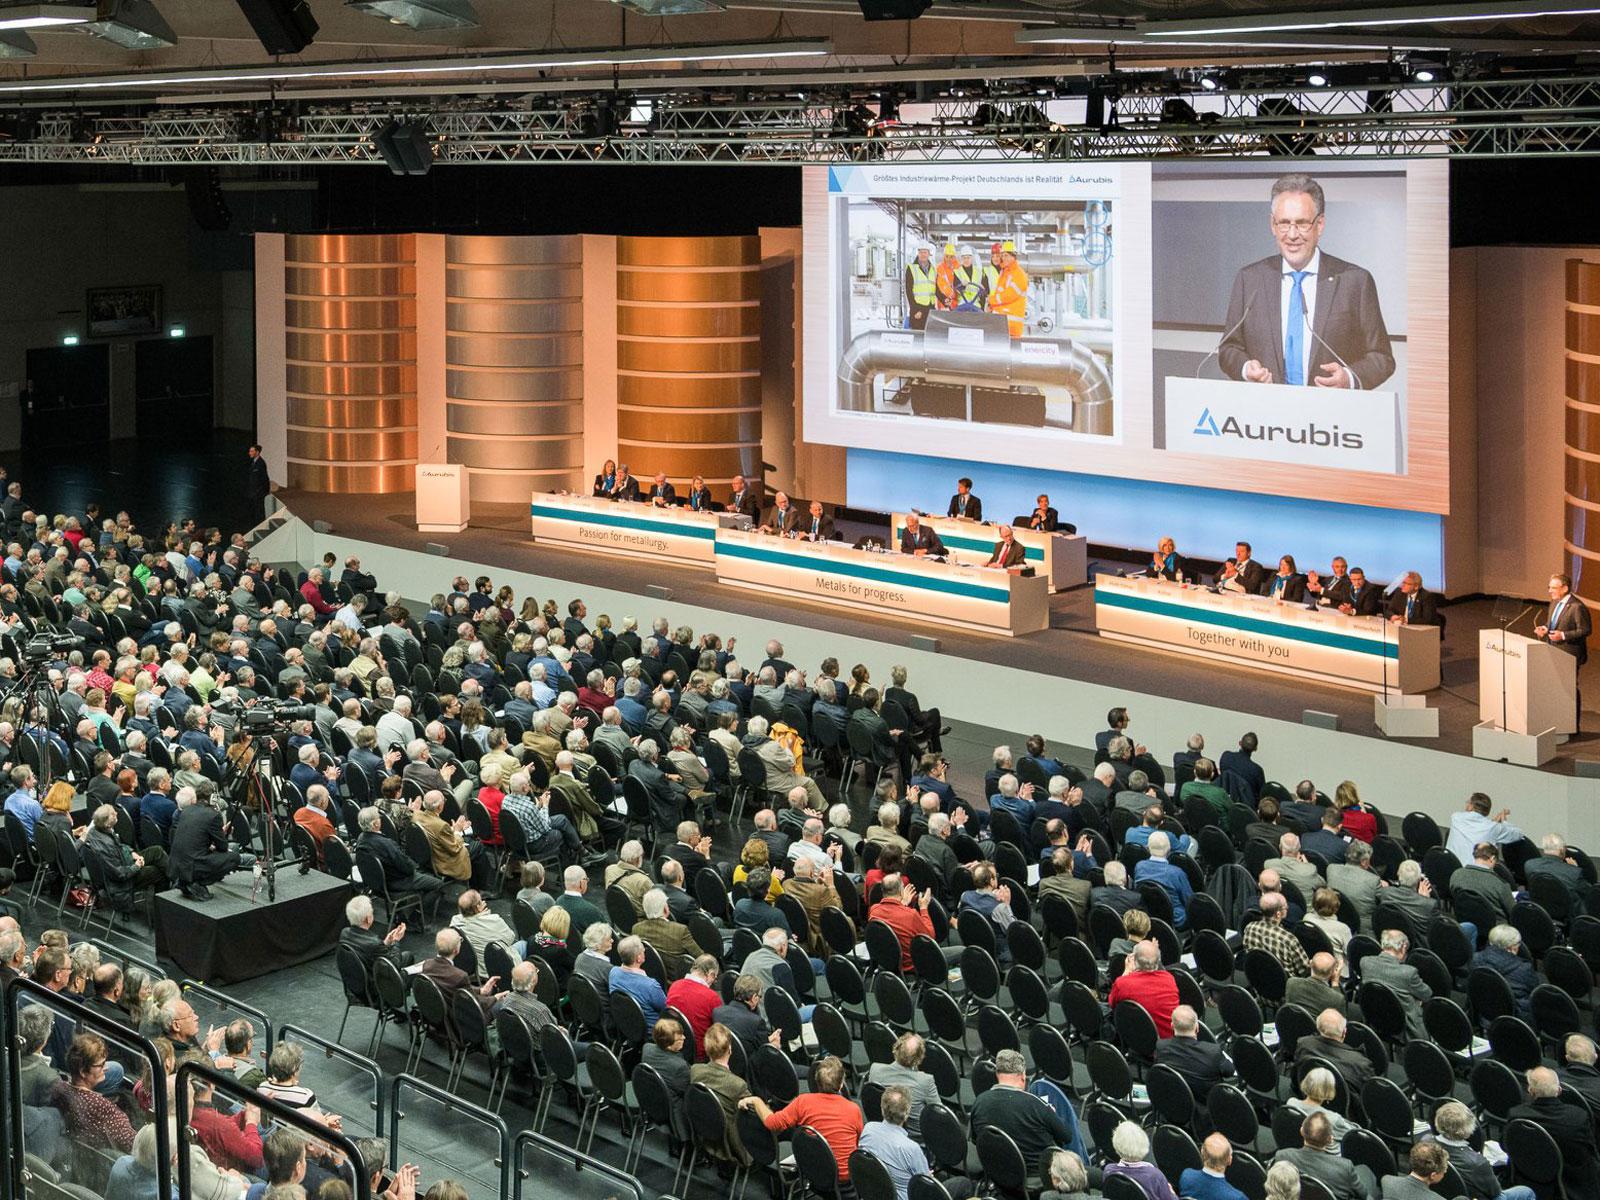 Hauptversammlung in der edel-optics.de Arena